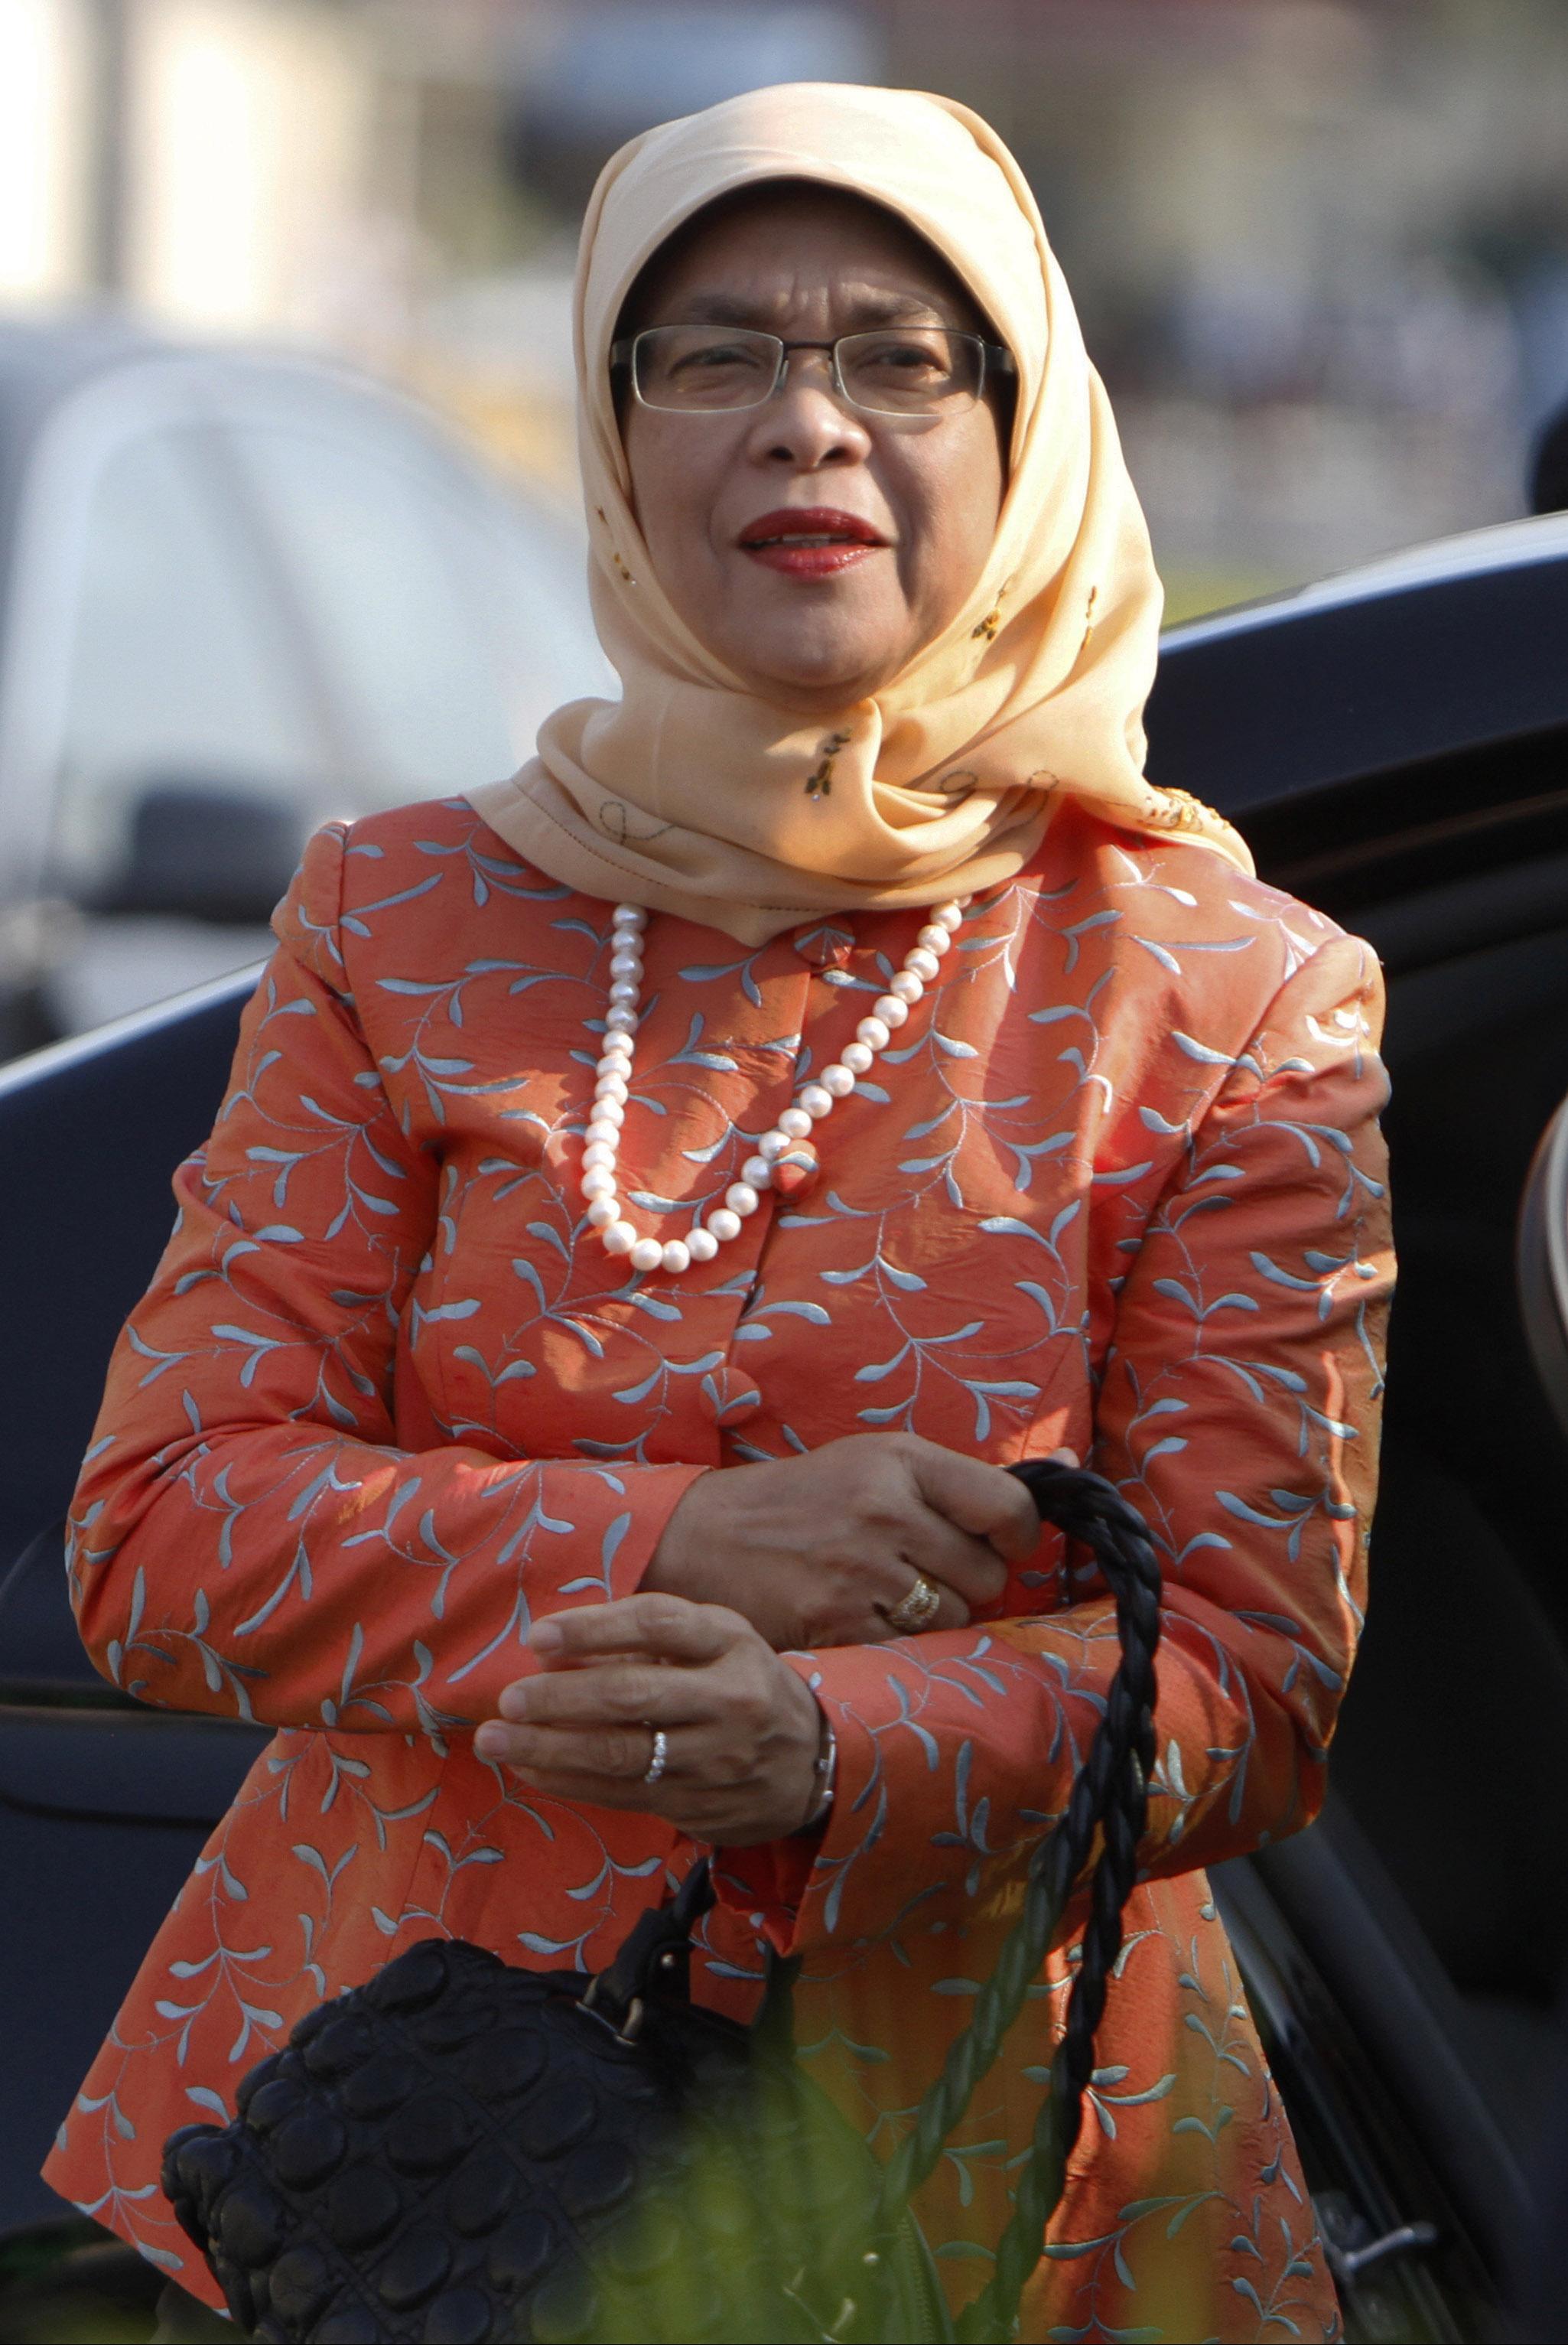 前國會議長勢成首位女總統